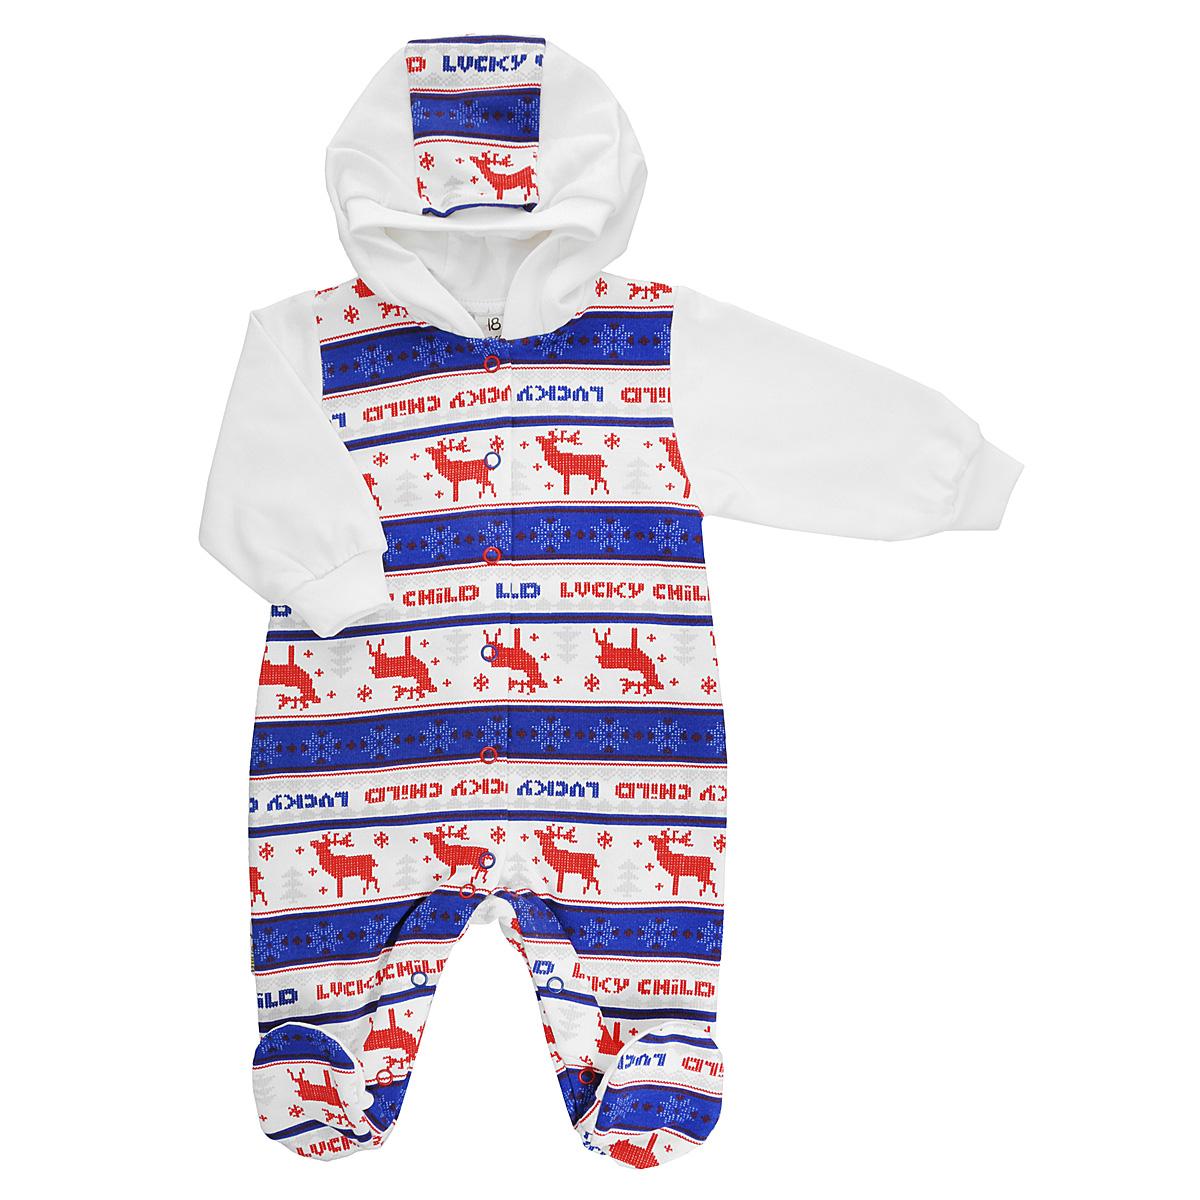 Комбинезон детский Lucky Child, цвет: молочный, синий, красный. 10-3. Размер 68/7410-3Детский комбинезон Lucky Child - очень удобный и практичный вид одежды для малышей. Комбинезон выполнен из натурального хлопка, благодаря чему он необычайно мягкий и приятный на ощупь, не раздражает нежную кожу ребенка и хорошо вентилируется, а эластичные швы приятны телу малыша и не препятствуют его движениям. Лицевая сторона гладкая, а изнаночная - с мягким теплым начесом. Комбинезон с капюшоном, длинными рукавами и закрытыми ножками имеет застежки-кнопки от горловины до щиколоток, которые помогают легко переодеть младенца или сменить подгузник. Рукава дополнены широкими трикотажными манжетами, не сжимающими запястья ребенка. Оформлена модель модным скандинавским принтом. С детским комбинезоном Lucky Child спинка и ножки вашего малыша всегда будут в тепле, он идеален для использования днем и незаменим ночью. Комбинезон полностью соответствует особенностям жизни младенца в ранний период, не стесняя и не ограничивая его в движениях!